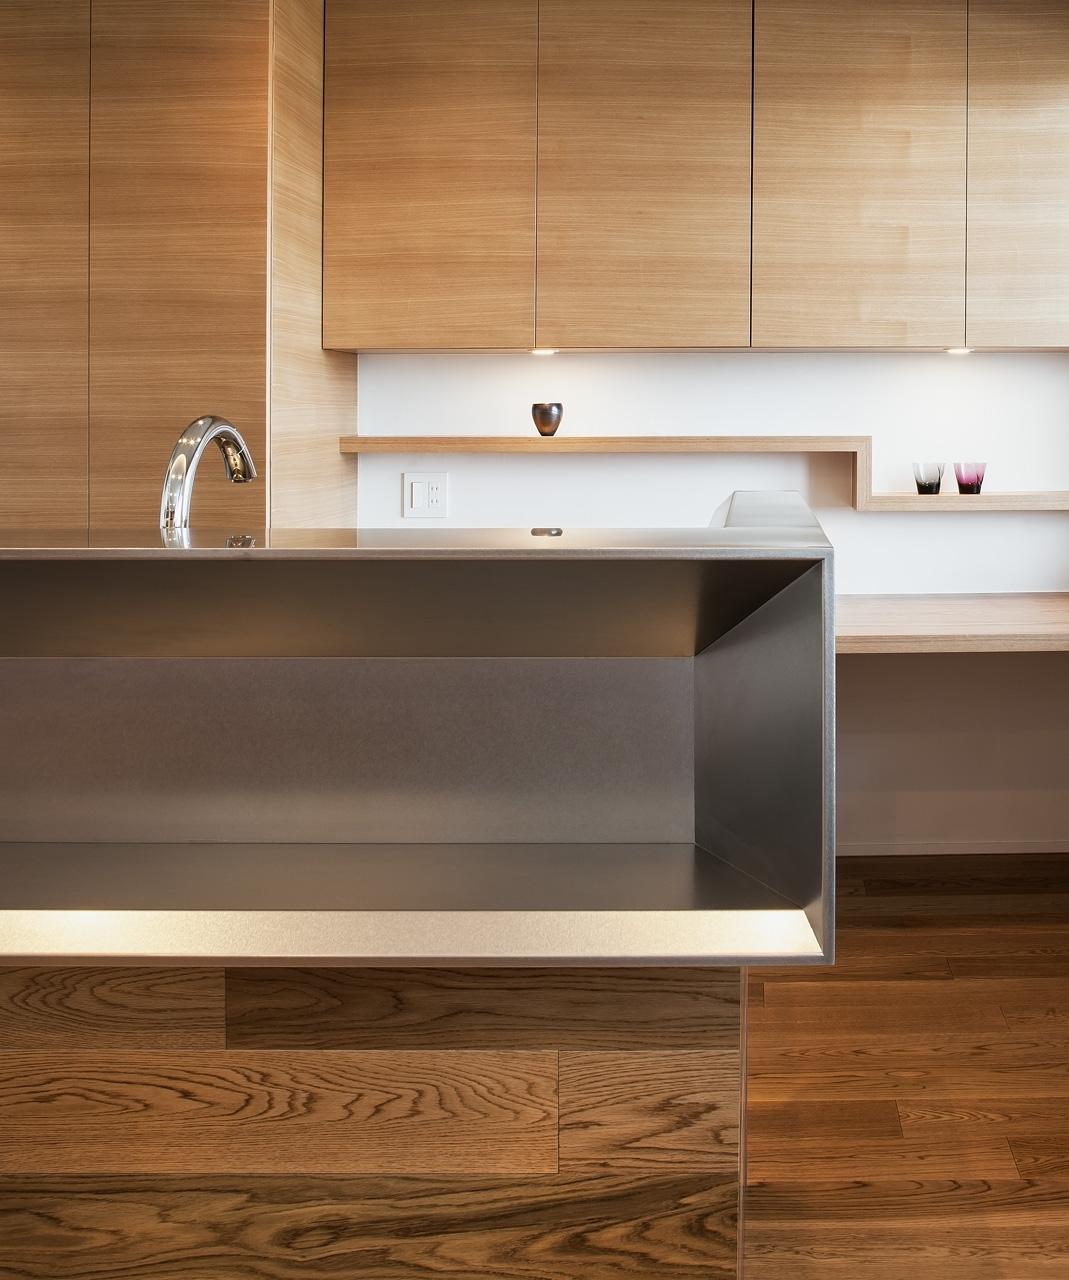 キッチンカウンター: ステンレス製キッチンカウンターも特注品です。ステンレス板の継ぎ目がないつくりで、立体的な造形がひきたちます